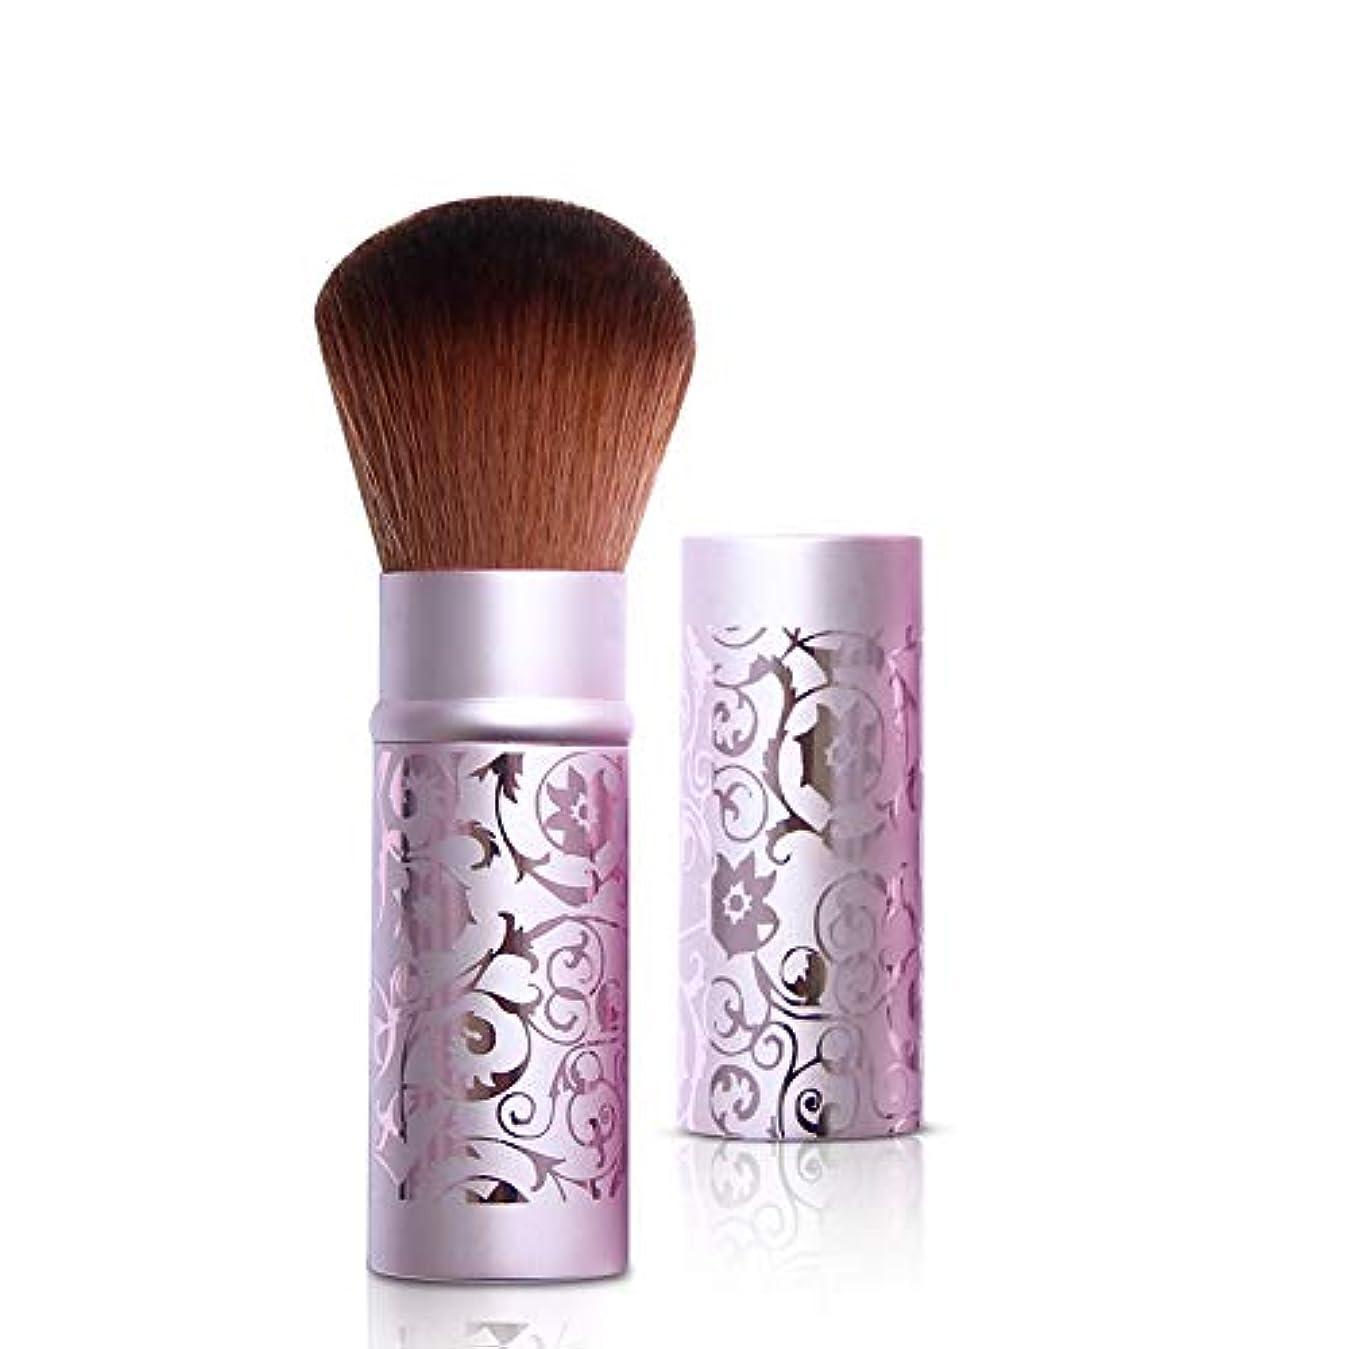 できれば月チャップルージュブラシセット化粧ブラシ化粧ブラシルースパウダーブラシラージパウダーブラシシャドーブラシブラッシュブラシテレスコピックポータブル蓋付き,Purple